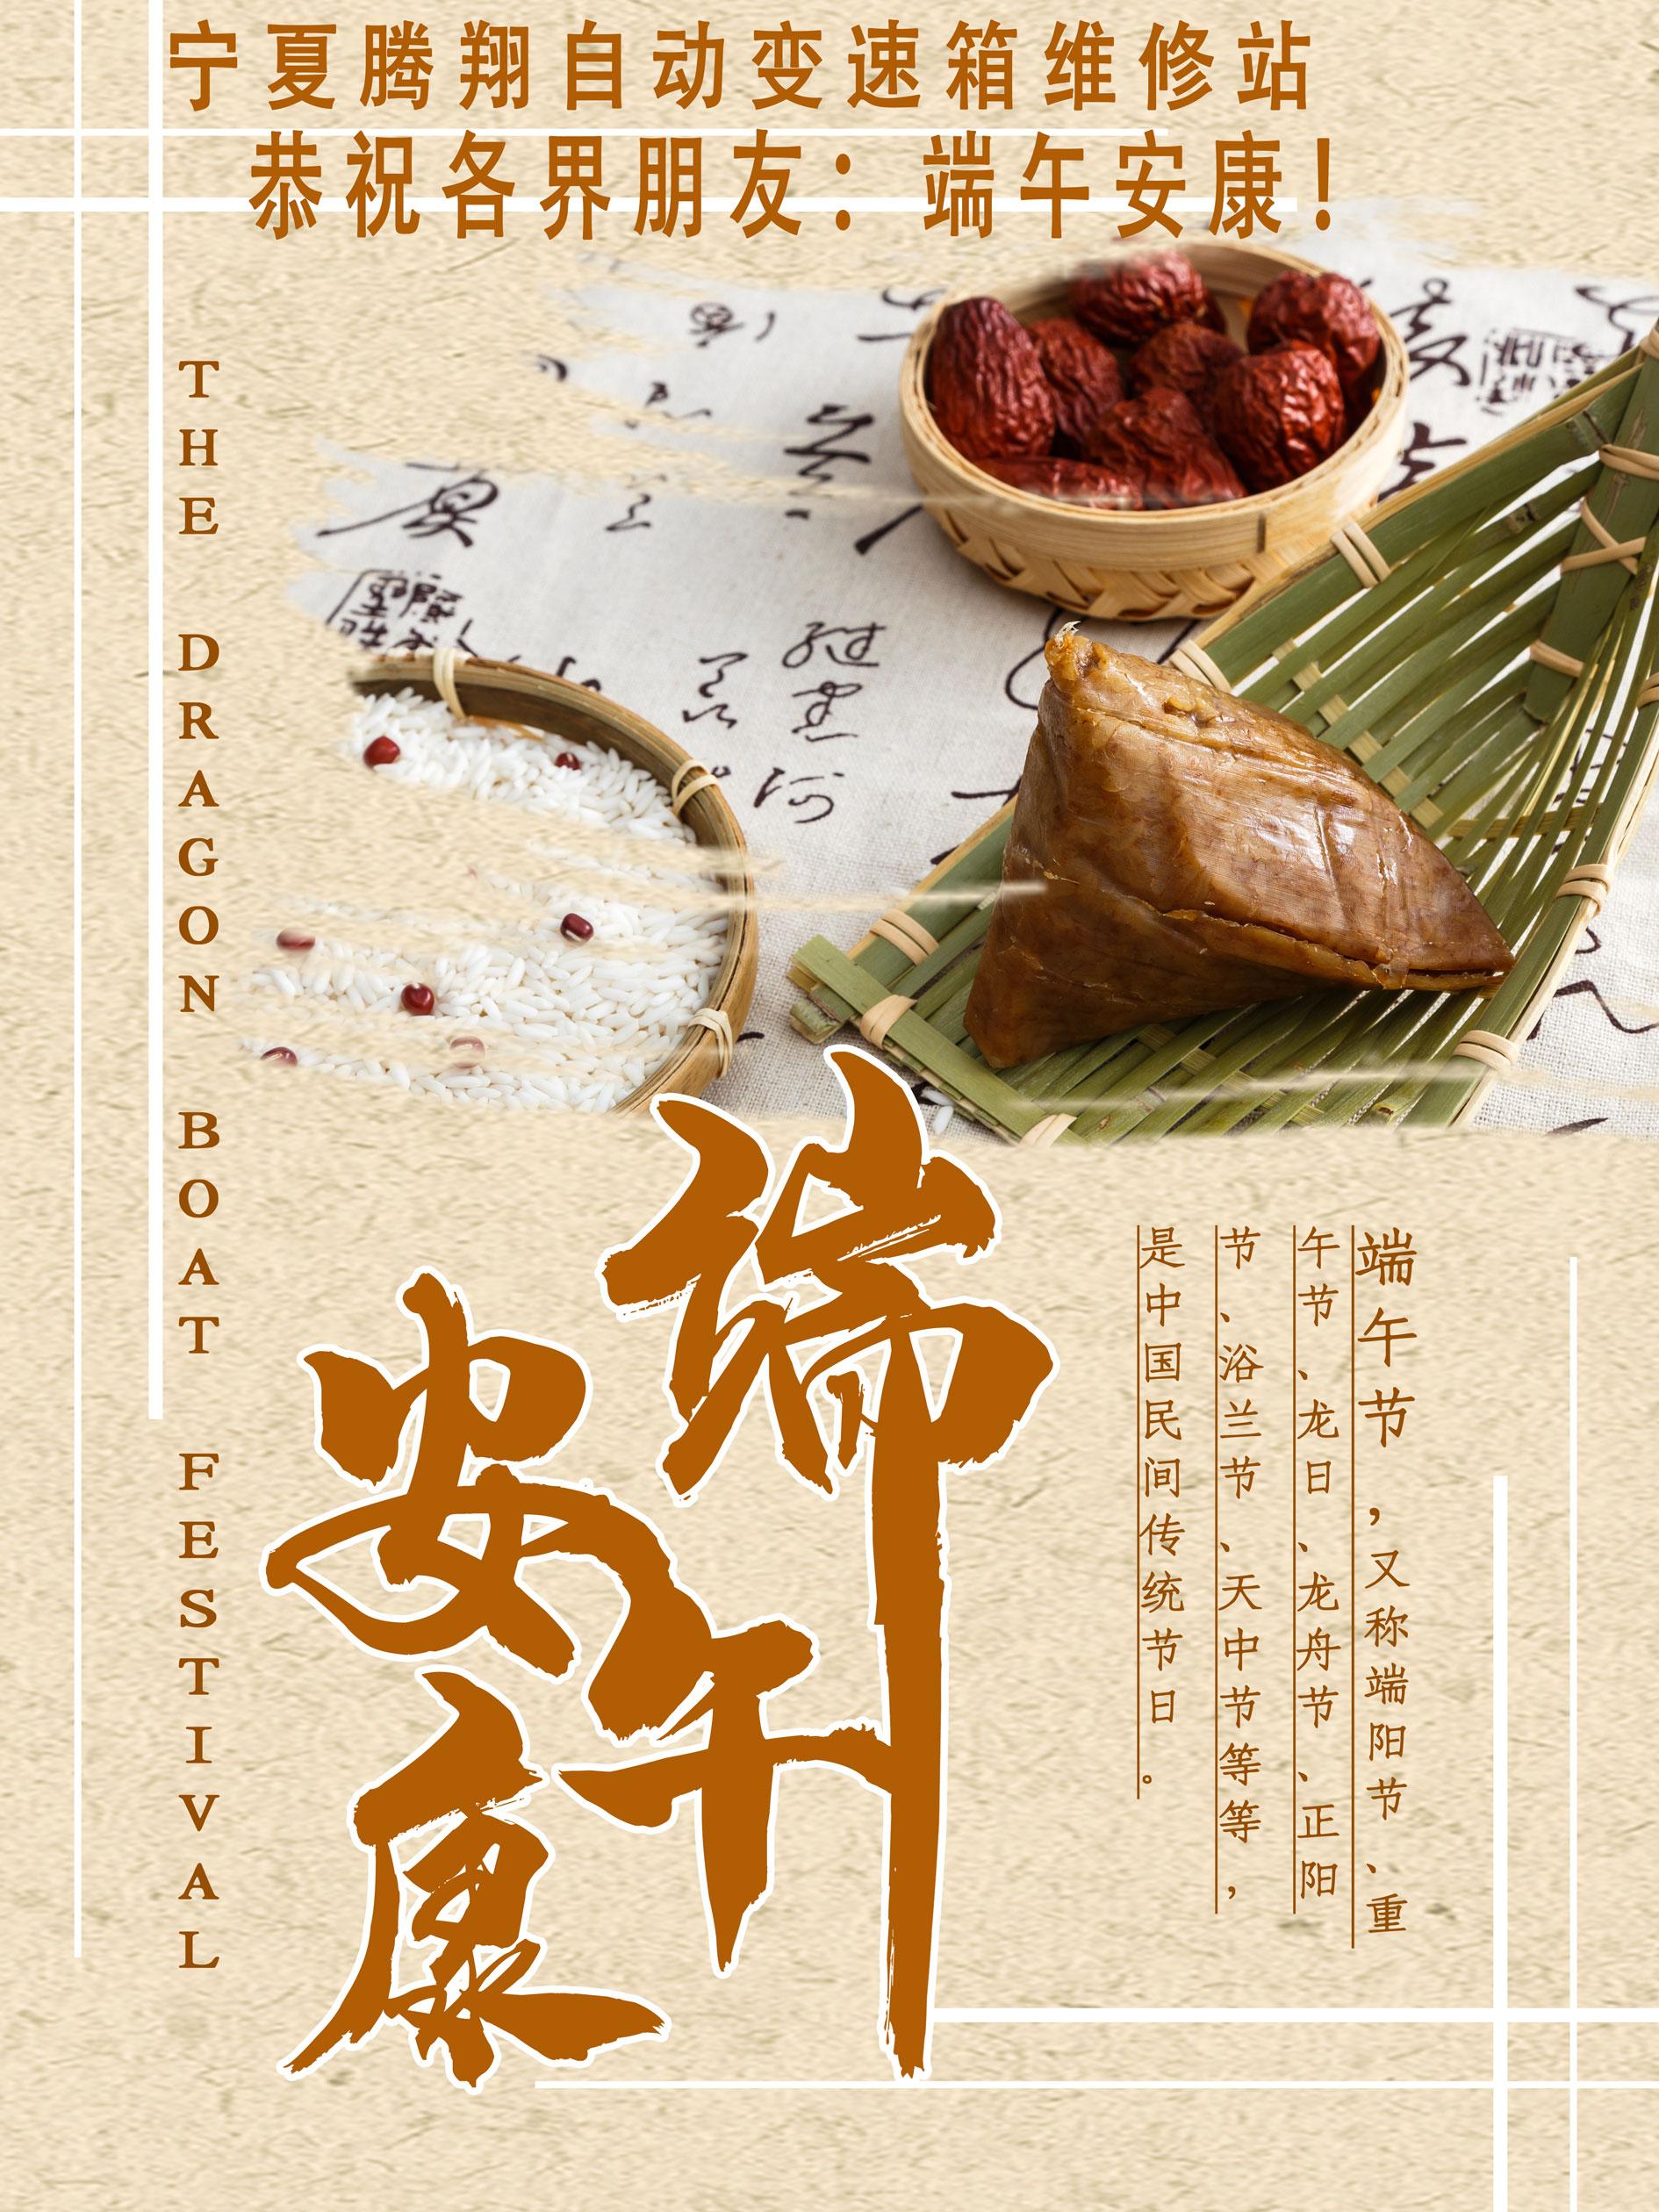 宁夏腾翔万博网页版登新万博manbetx体育app下载欧冠万博官网登陆站